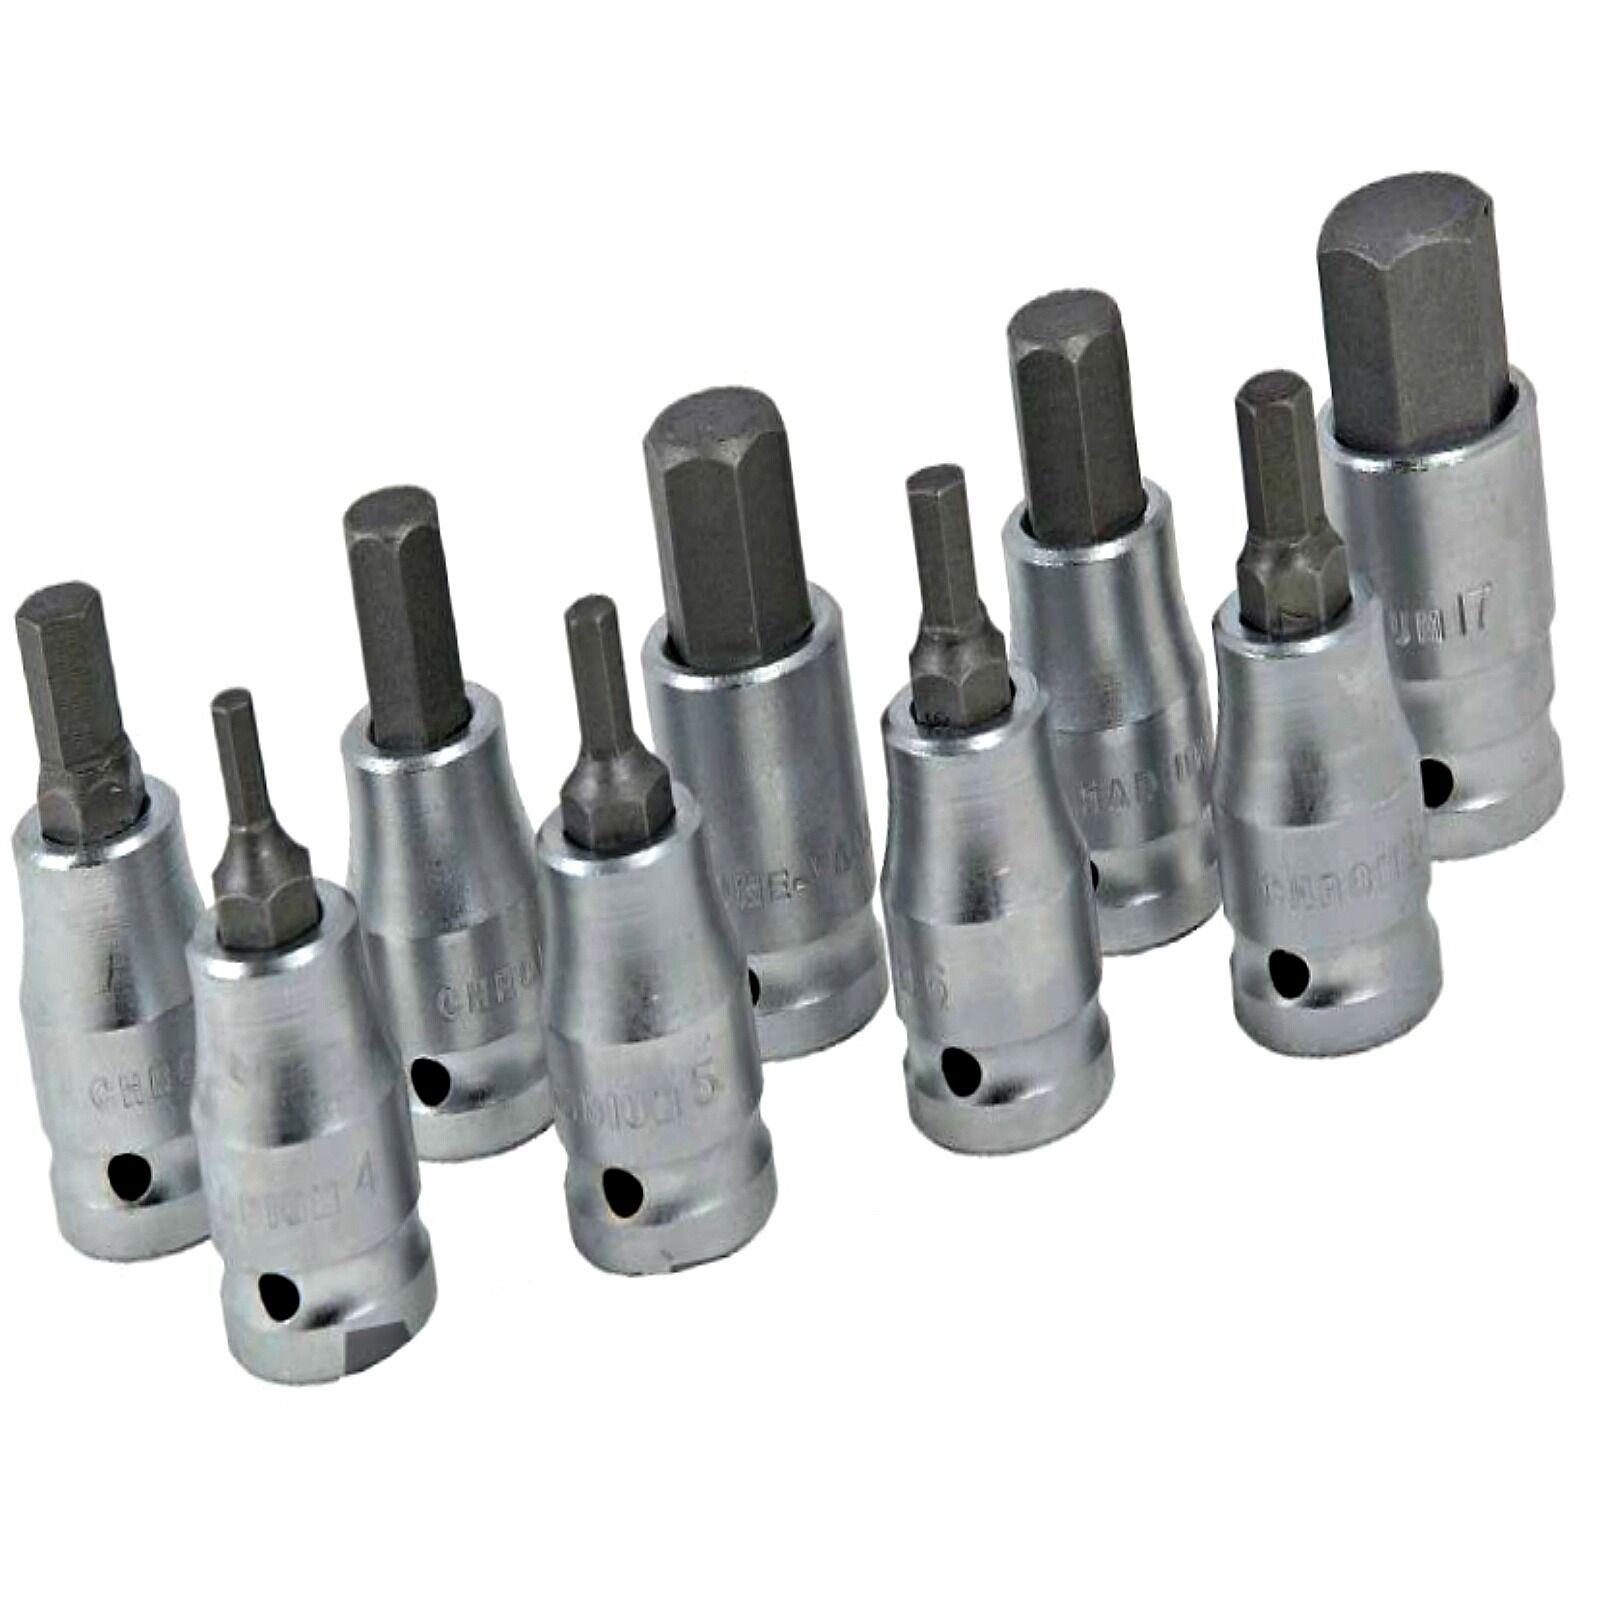 1 1 Head X 2 Sockets 1 2 2 Drive Socket Hex